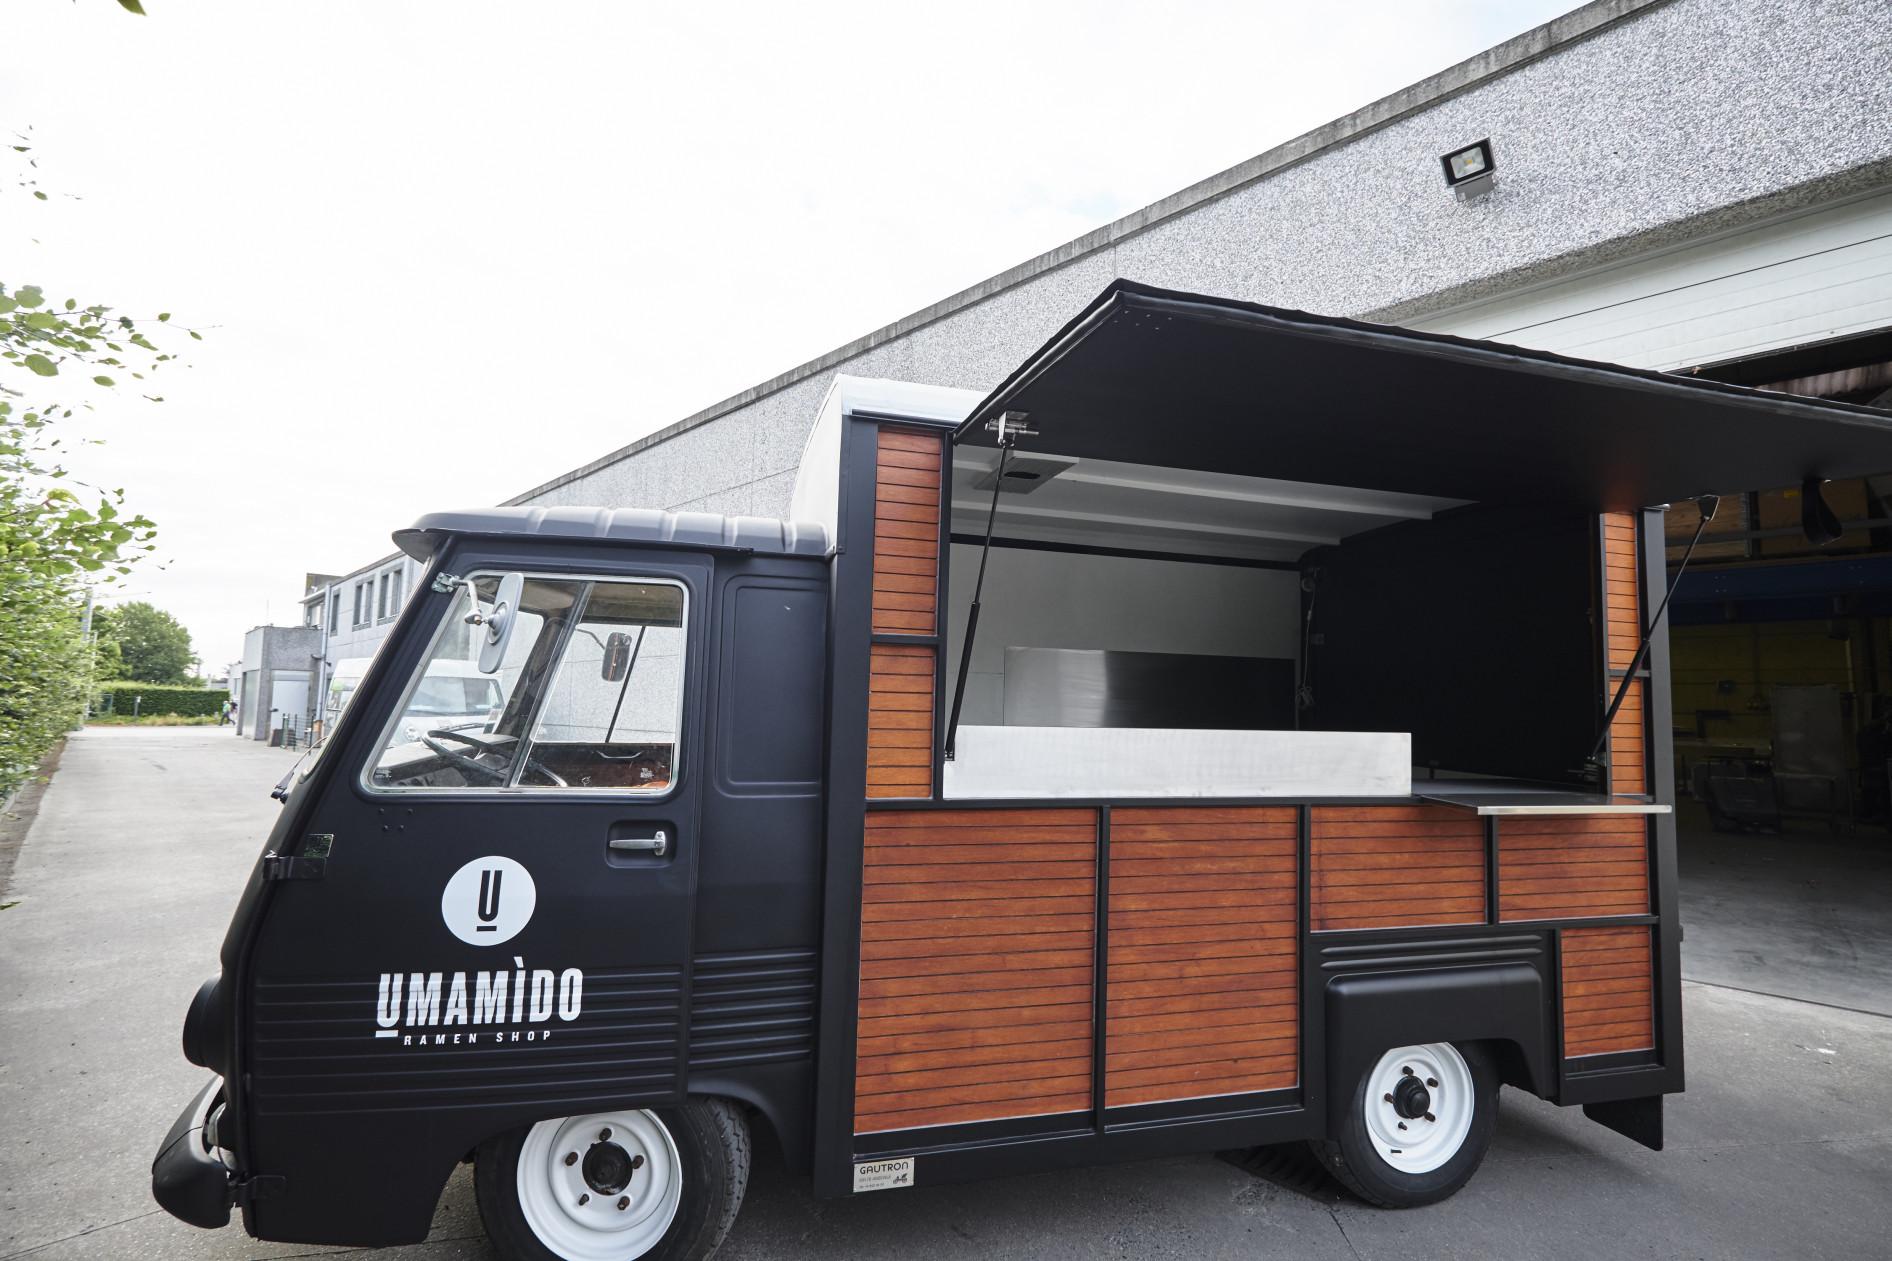 In opdracht van Umamido mochten wij deze ubercoole foodtruck inrichten ! Een clean en compact...